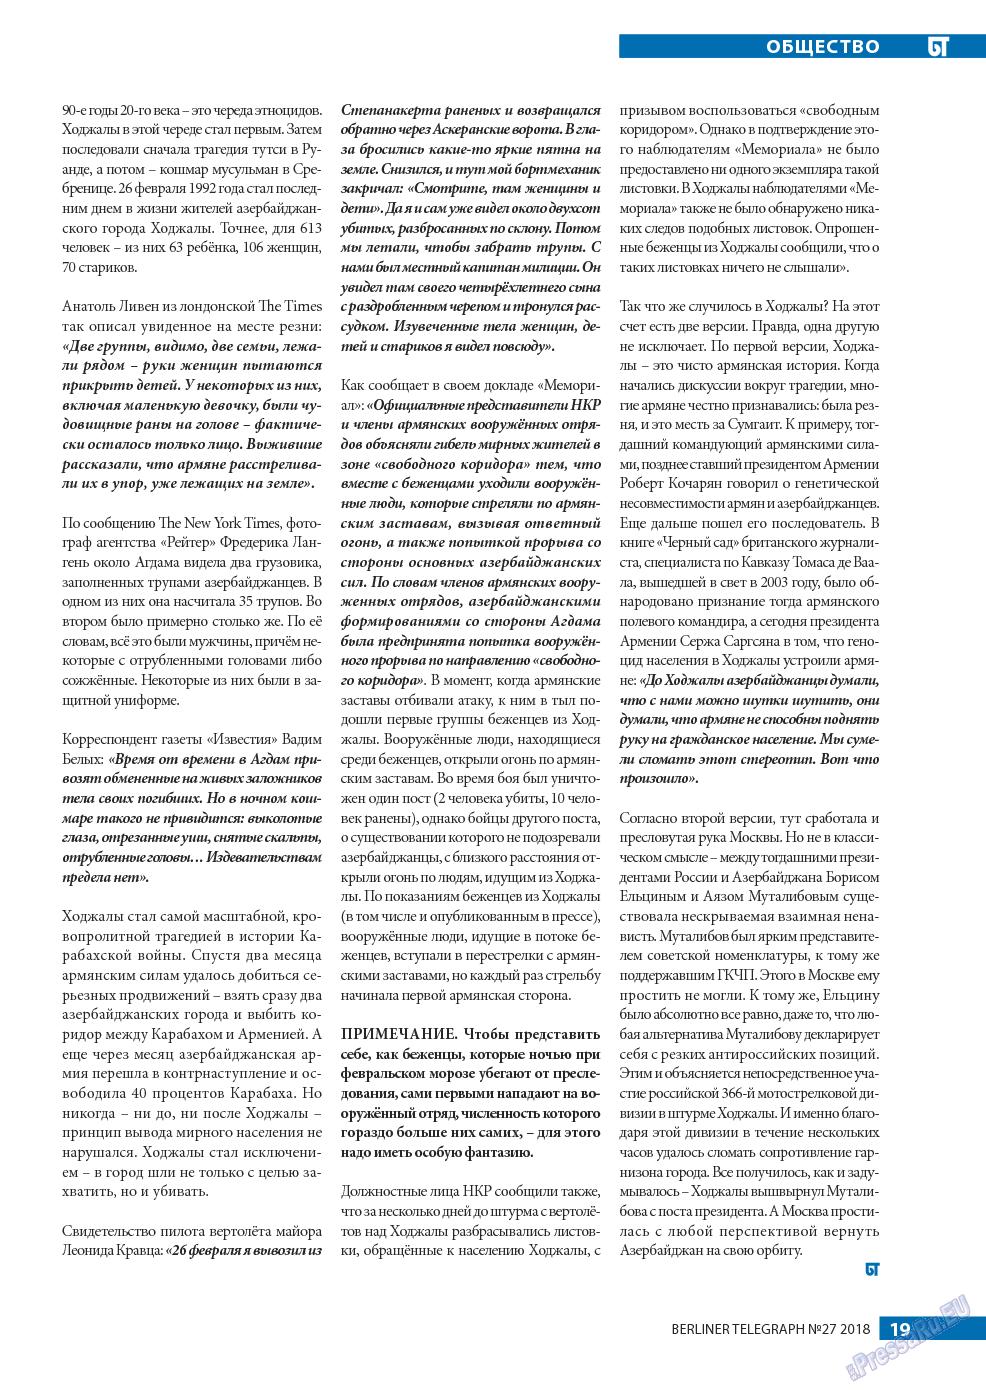 Берлинский телеграф (журнал). 2018 год, номер 27, стр. 19